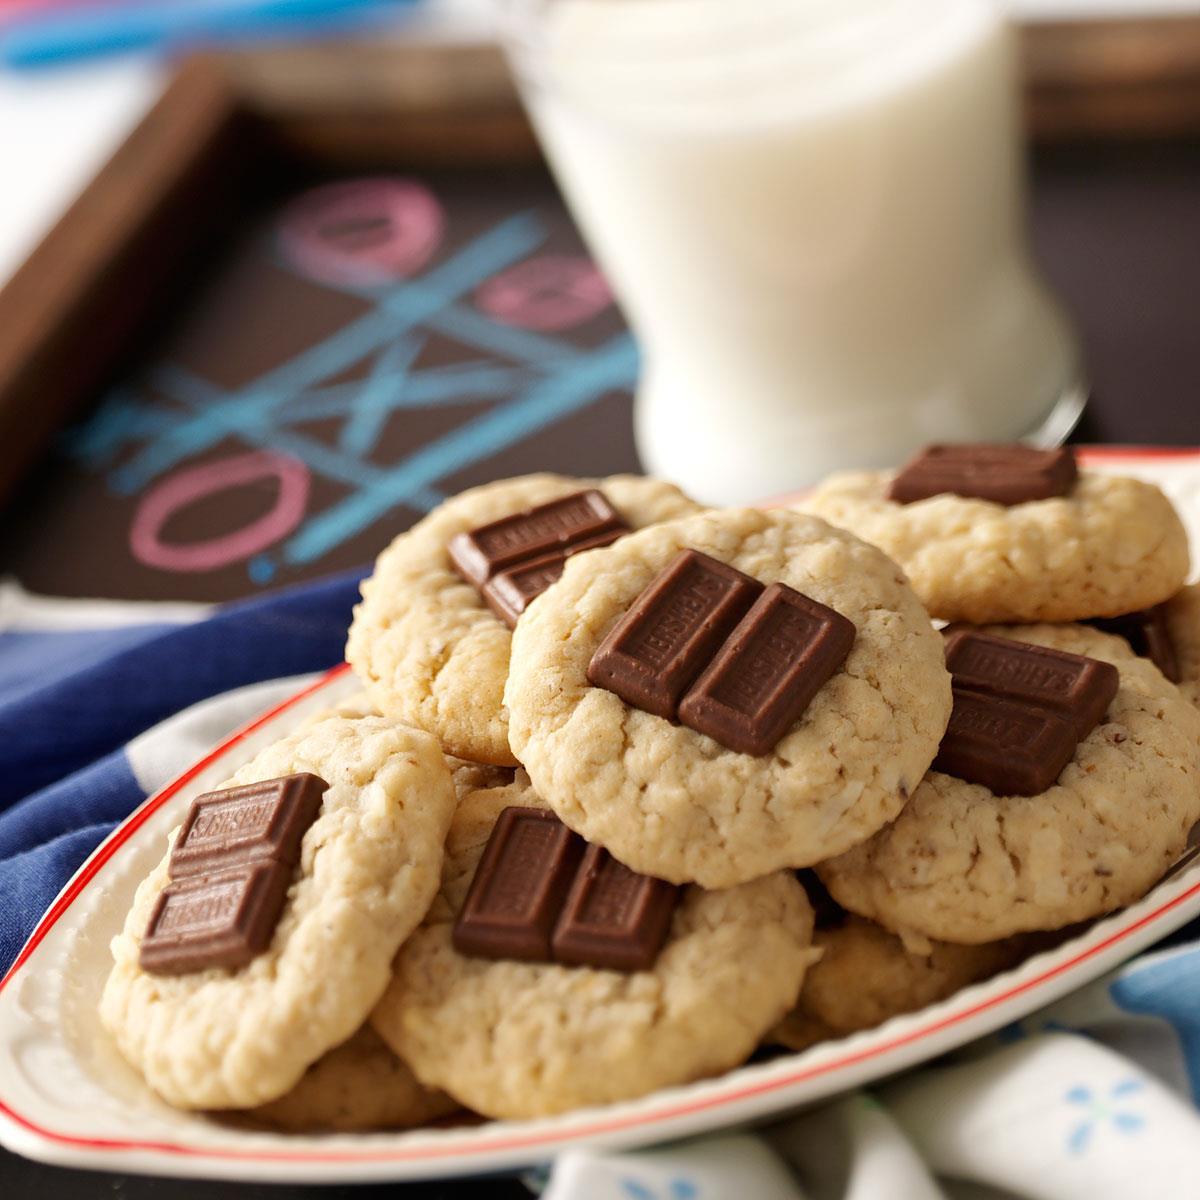 My Kids' Favorite Cookies Recipe